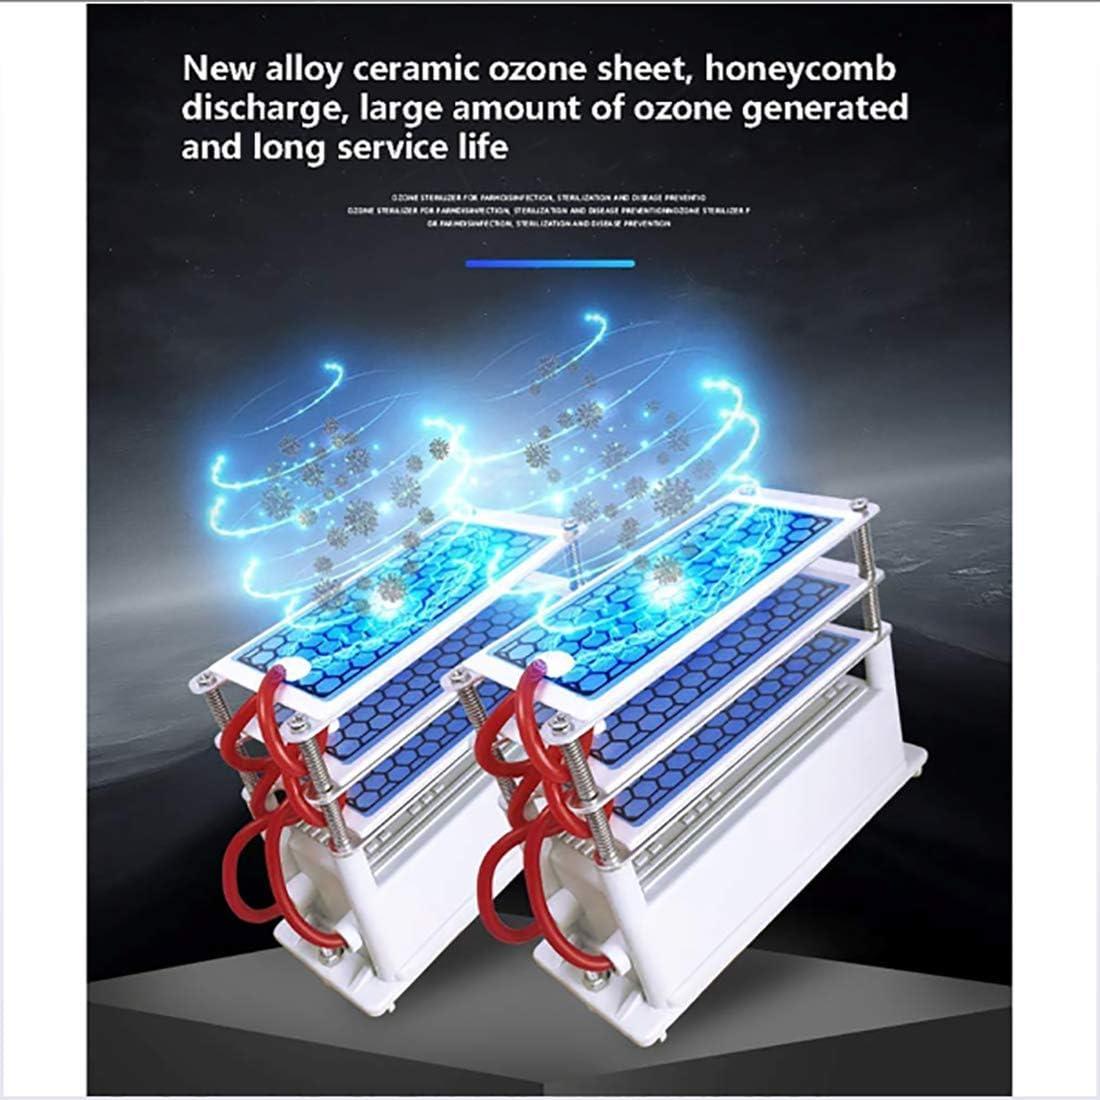 Comfort Acero Inoxidable Ozonador Profesional Desodorante y Esterilizador 50g Limpiador Comercial purificador de Aire esterilizador Profesional MOKY Generador de ozono